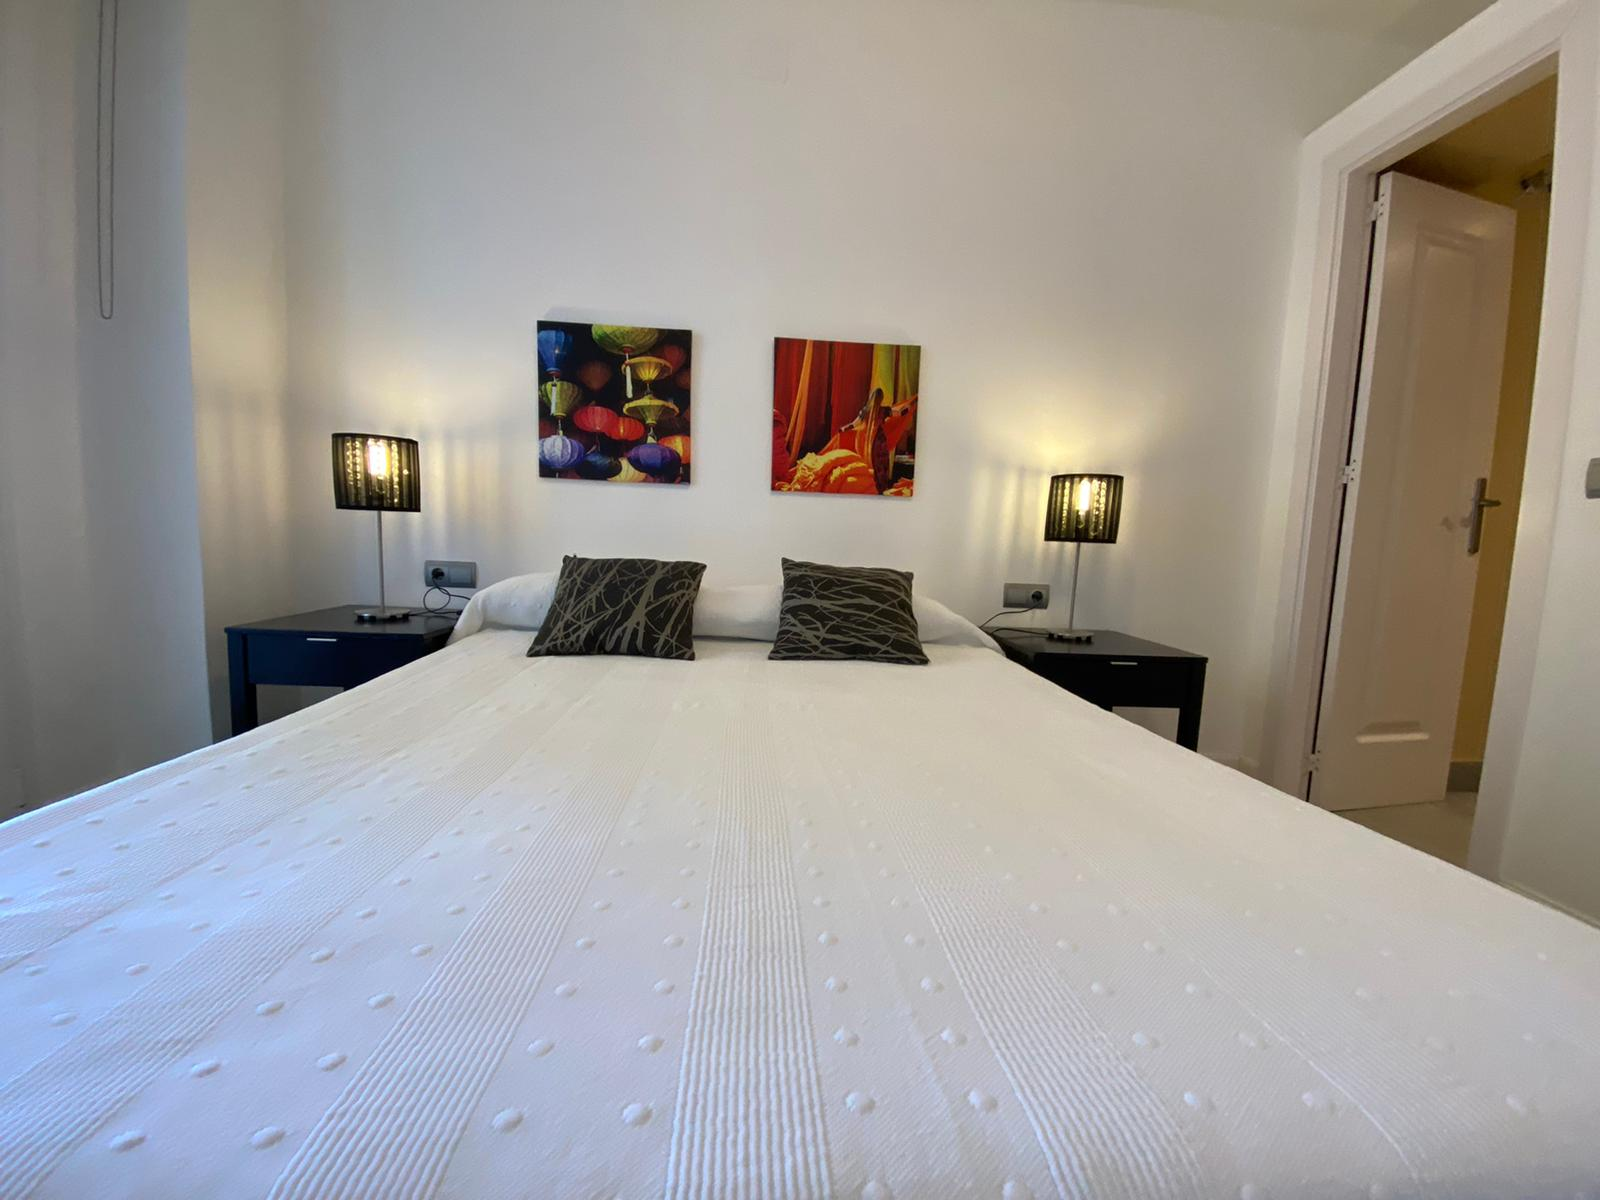 Imagen 15 del Apartamento Turístico, Ático 8 Poniente (3d+2b), Punta del Moral (HUELVA), Paseo de la Cruz nº22